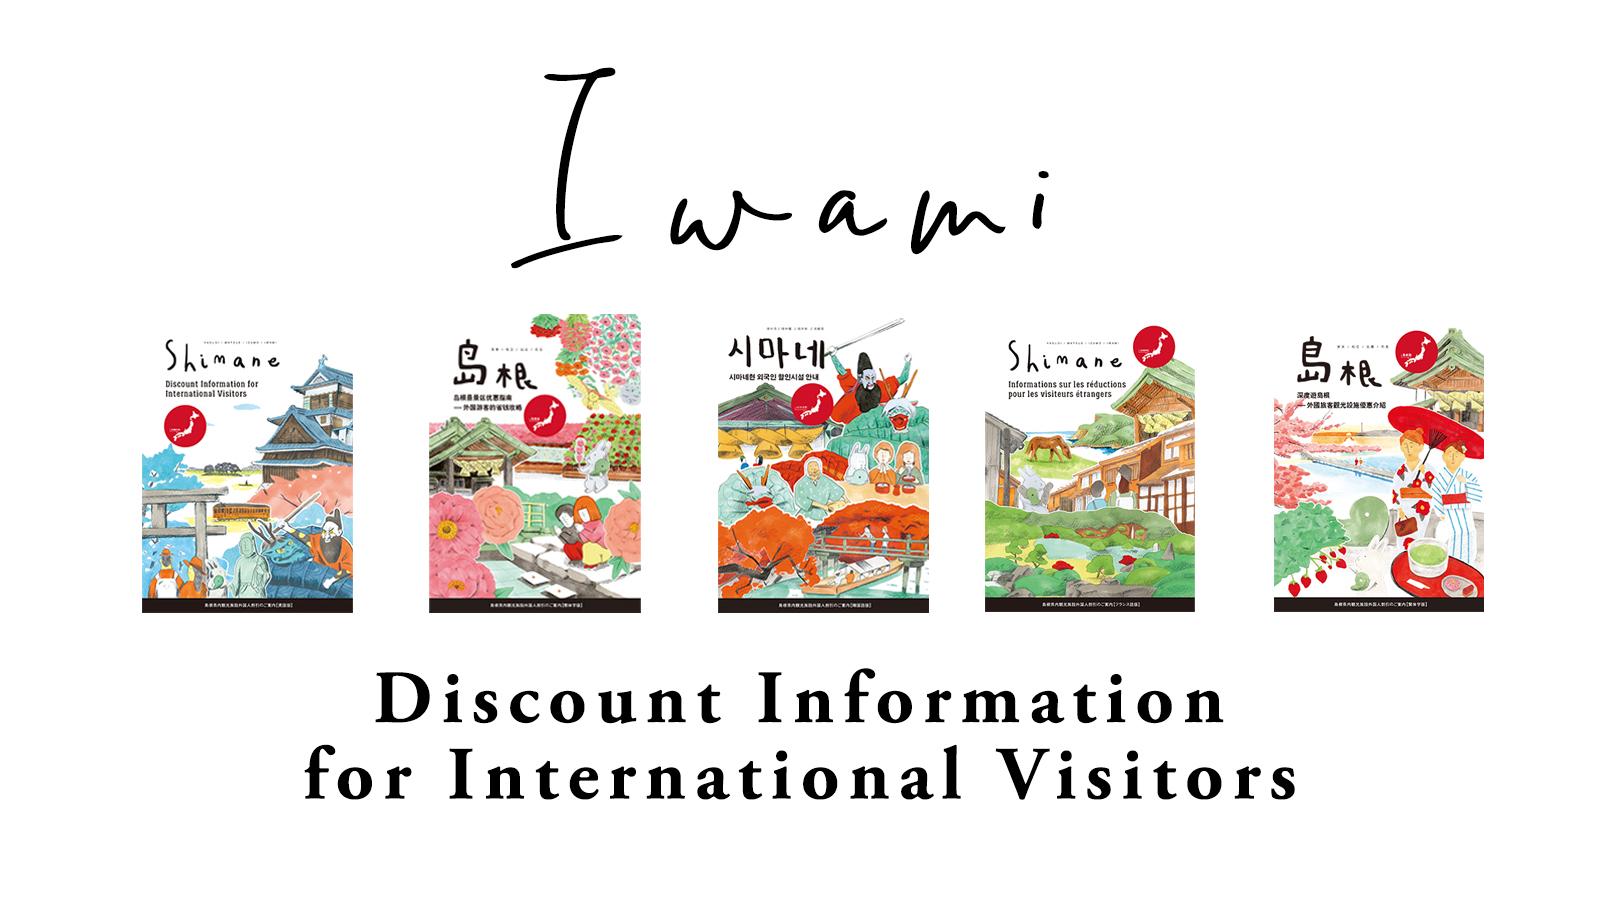 Shimane Discount Information Iwami